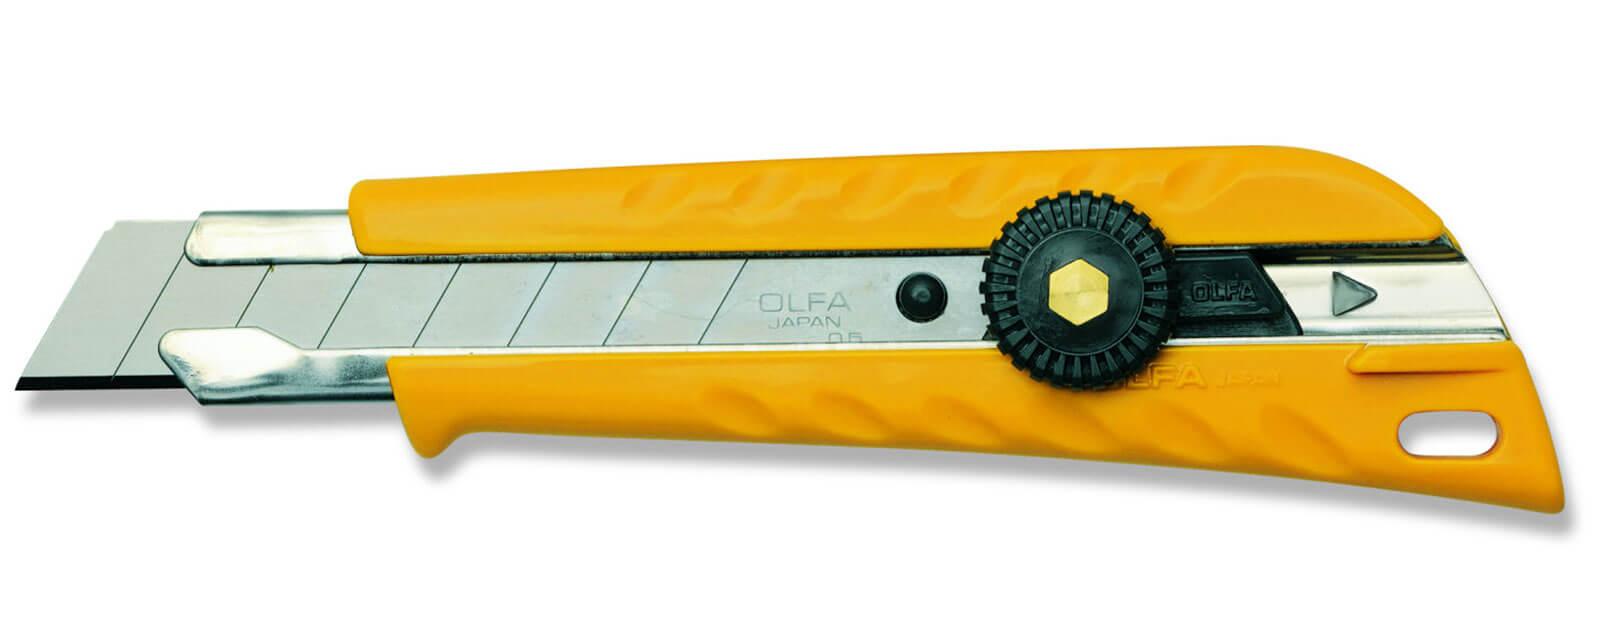 C065-Cuttermesser-18mm-OLFA-L-1-CURT-tools_1600